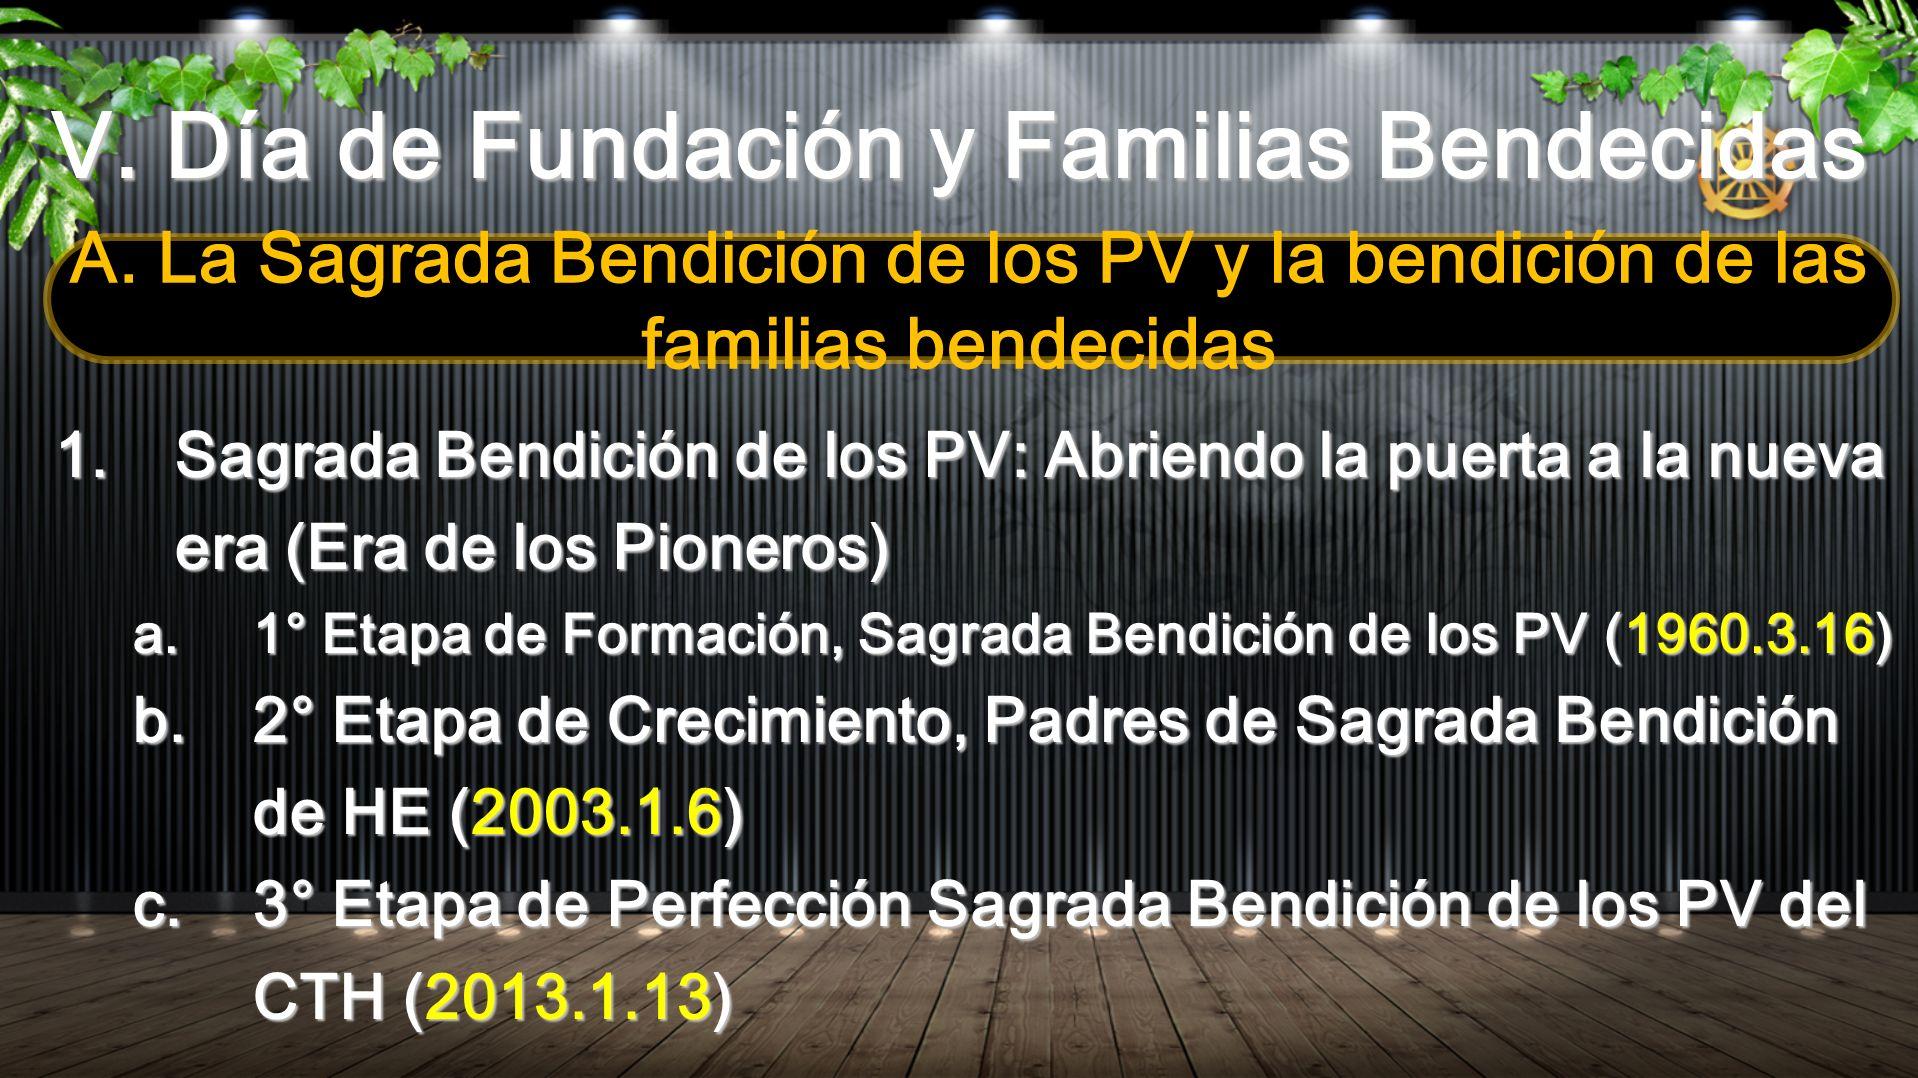 V. Día de Fundación y Familias Bendecidas A. La Sagrada Bendición de los PV y la bendición de las familias bendecidas 1.Sagrada Bendición de los PV: A